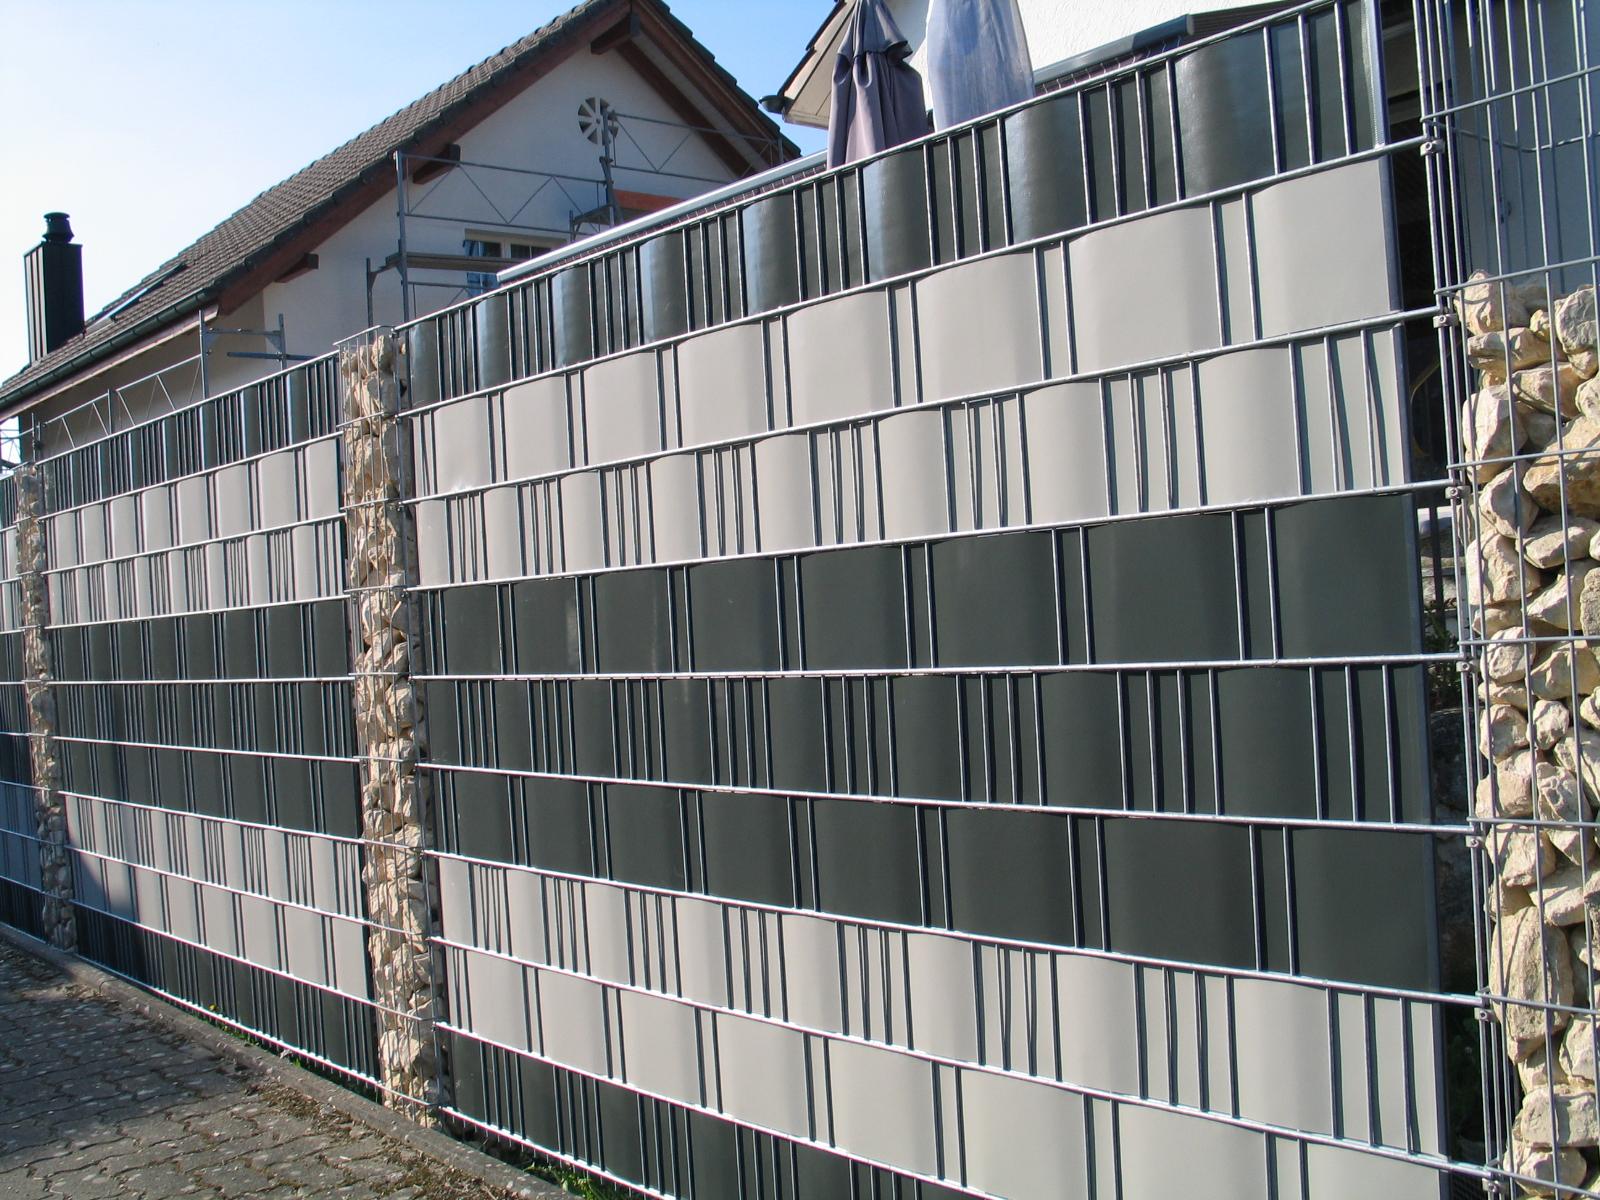 Sichtschutzzaun - Gabionensäulen und